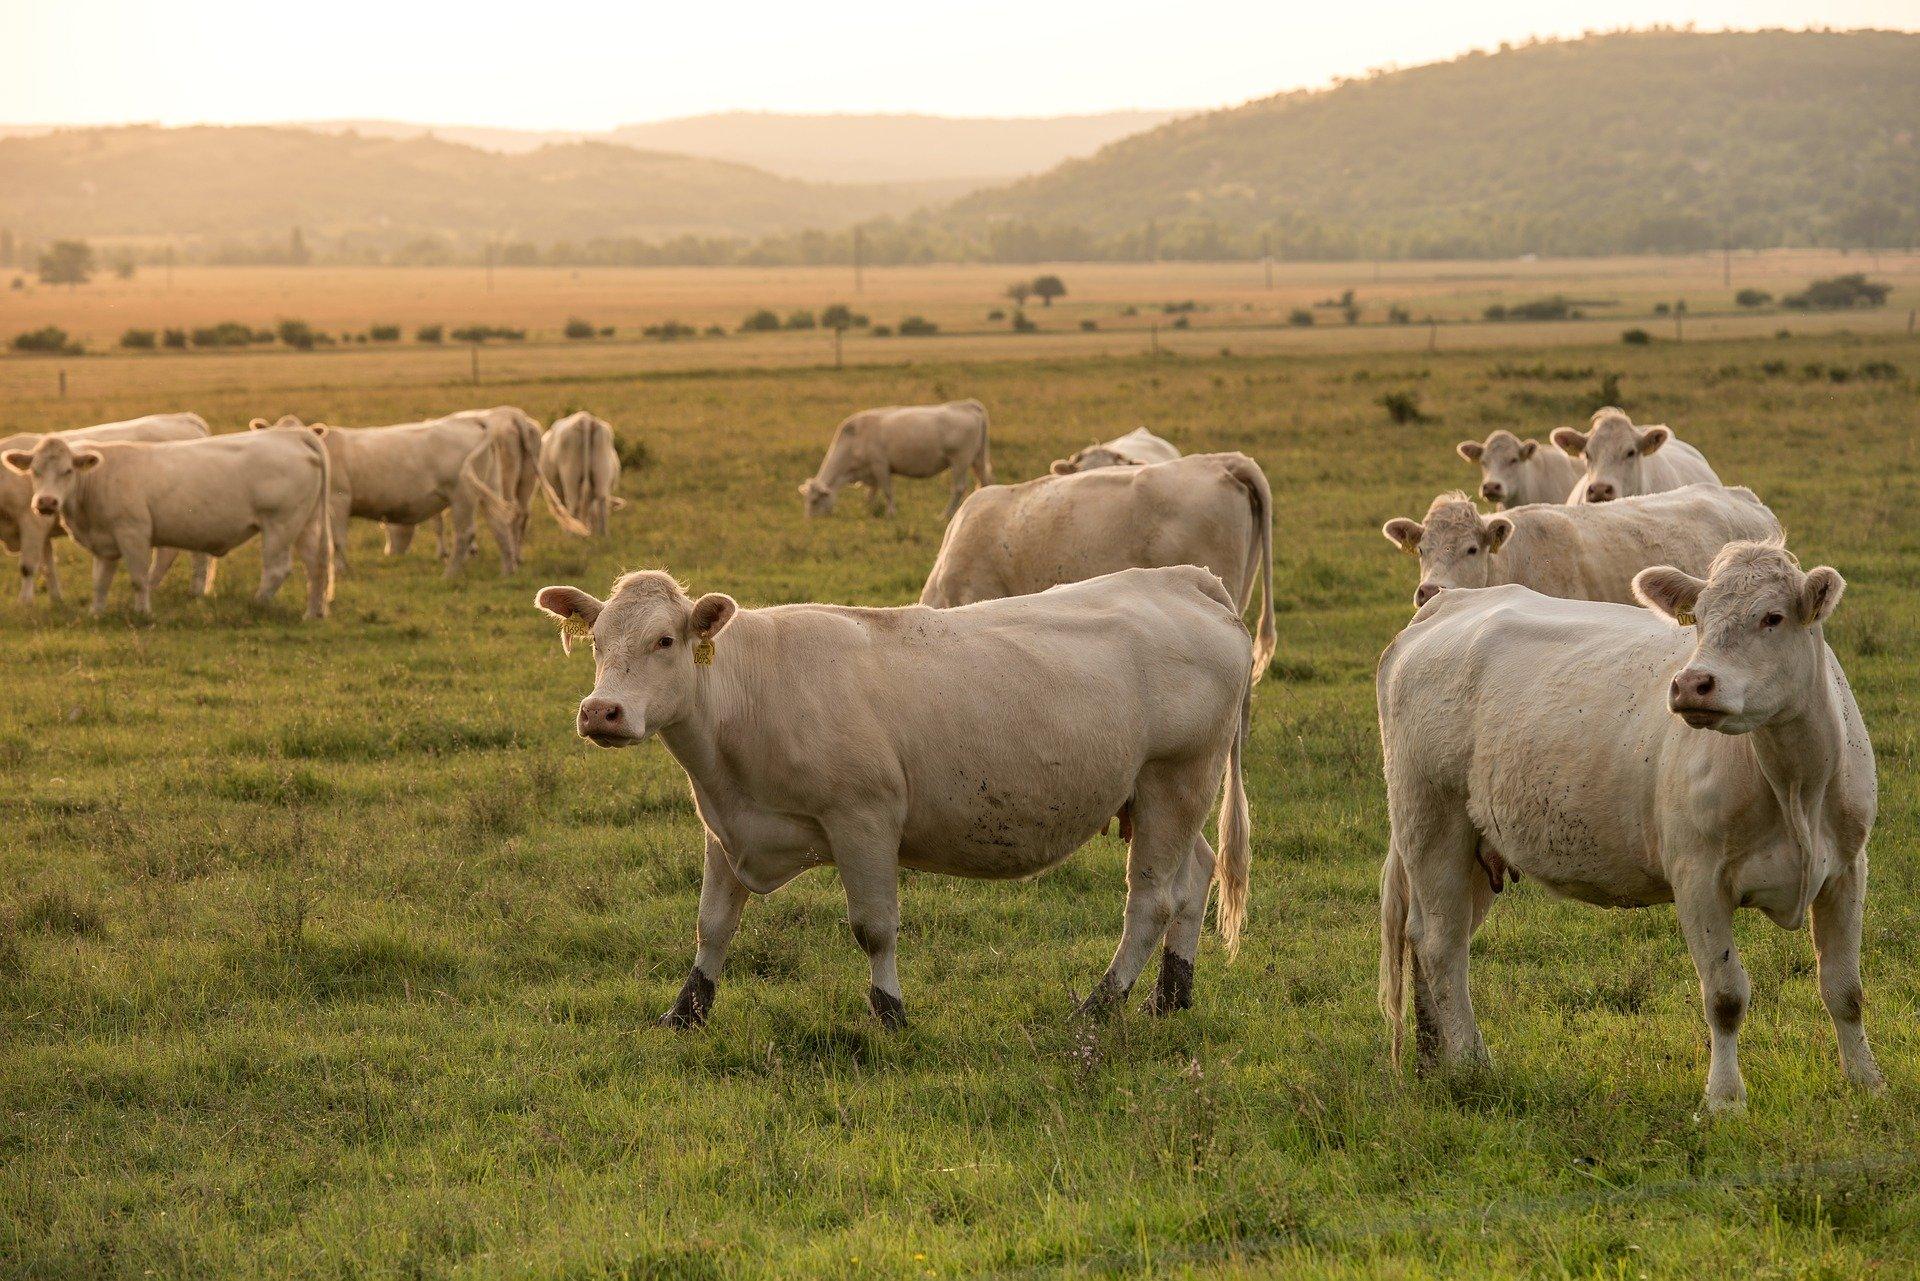 Le opzioni di mitigazione basate sul settore agricolo, specialmente di piccola scala, possano portare all'azzeramento delle emissioni delle aziende zootecniche. FOTO: milesz da Pixabay